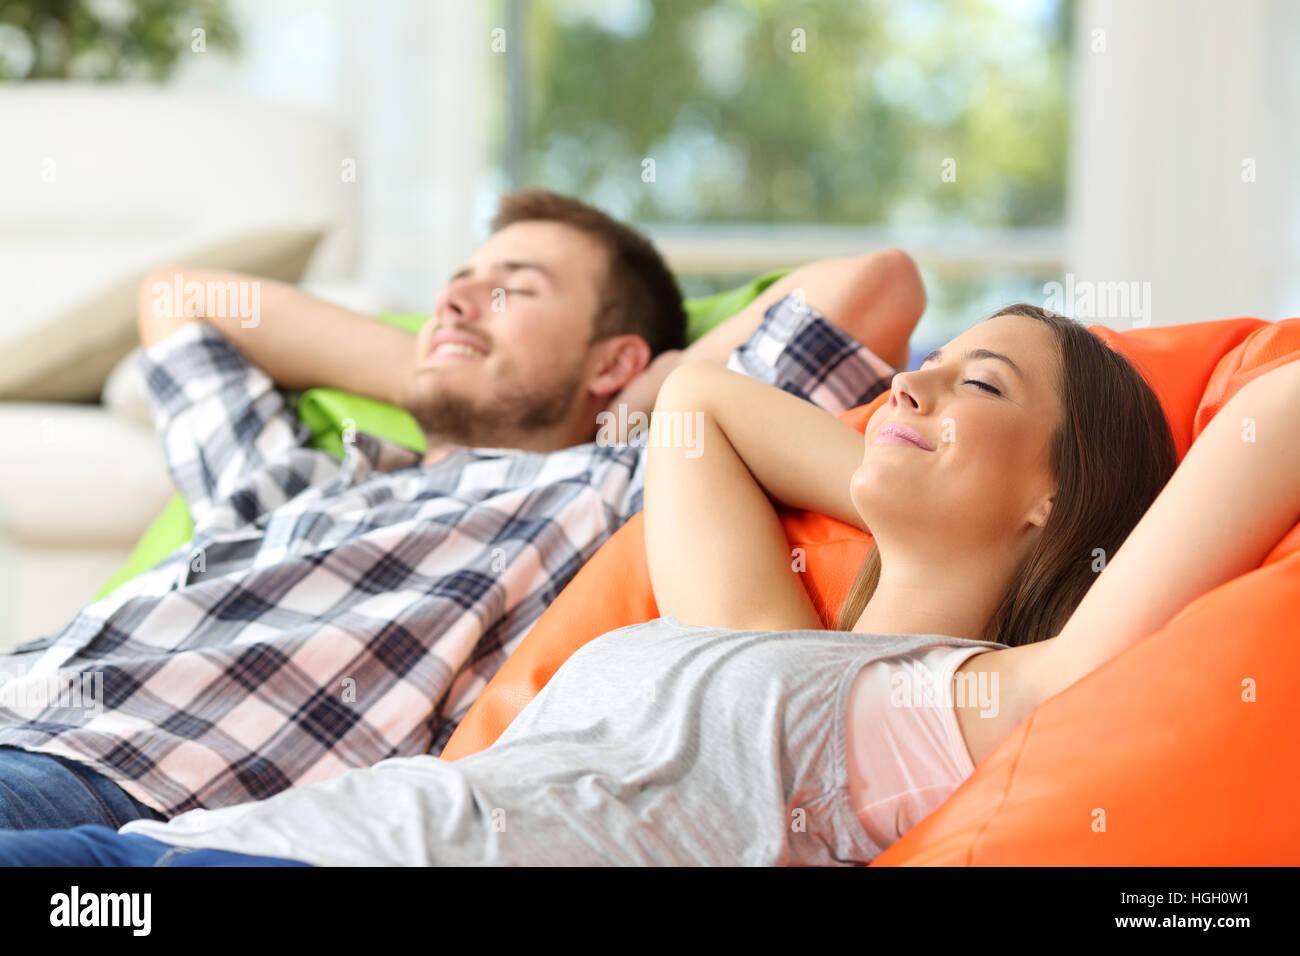 Pareja o acompañantes relajarse tumbado en confortables pufs en el salón en casa Imagen De Stock